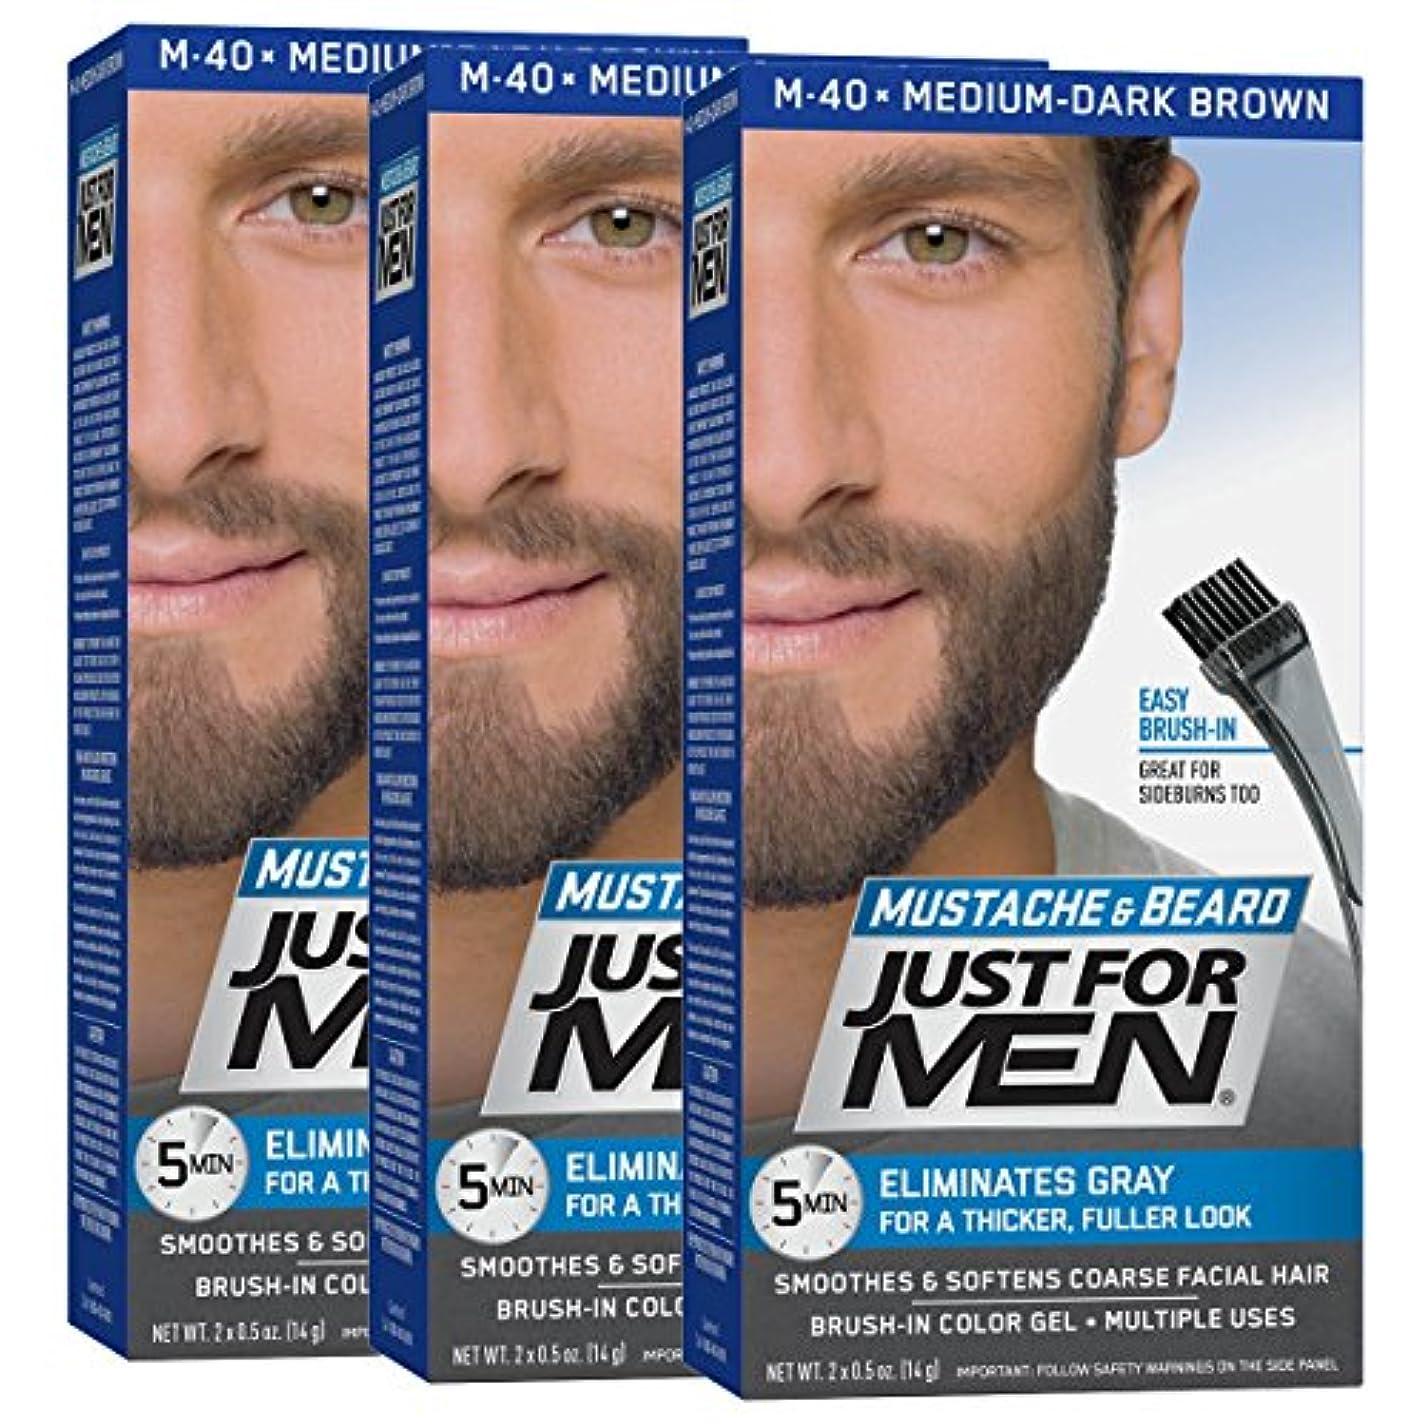 フォーカス植木軌道Just for Men 口ひげ&髭ブラシ-のカラージェル、ミディアム?ダークブラウン(3パック、パッケージングは??変更になる場合があります) 3 05ミディアム、ダークブラウン